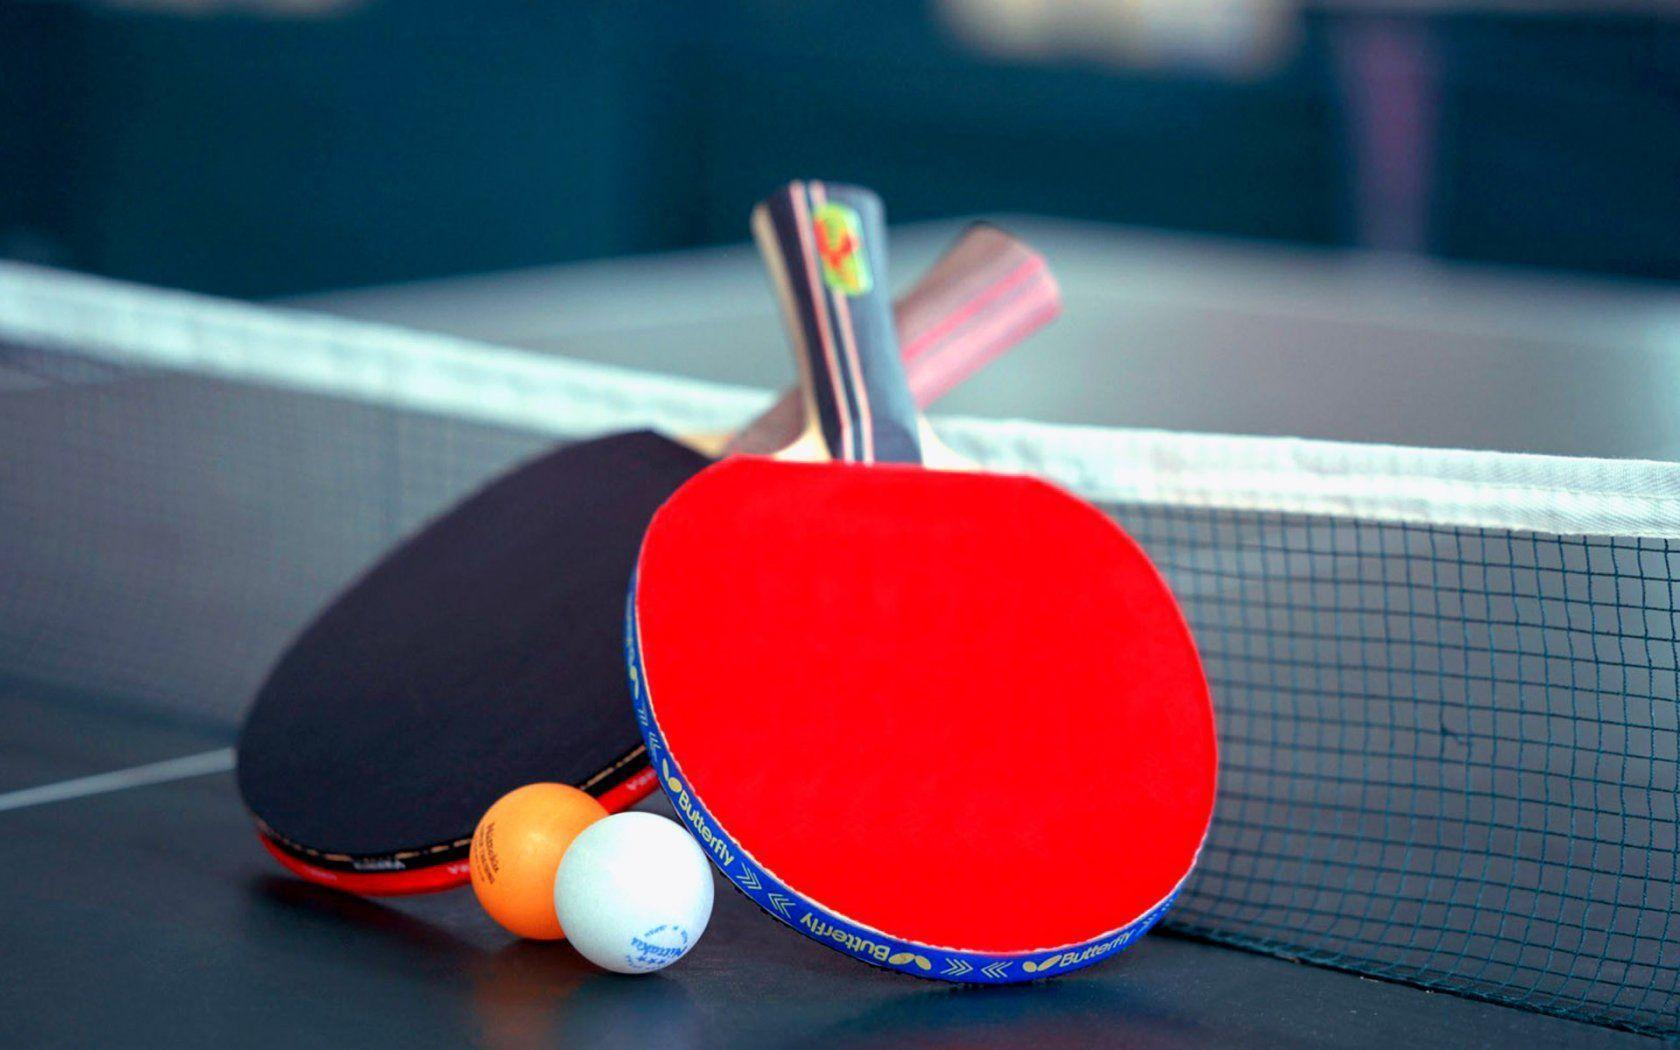 ping pong paddles photos wallpaper 64914